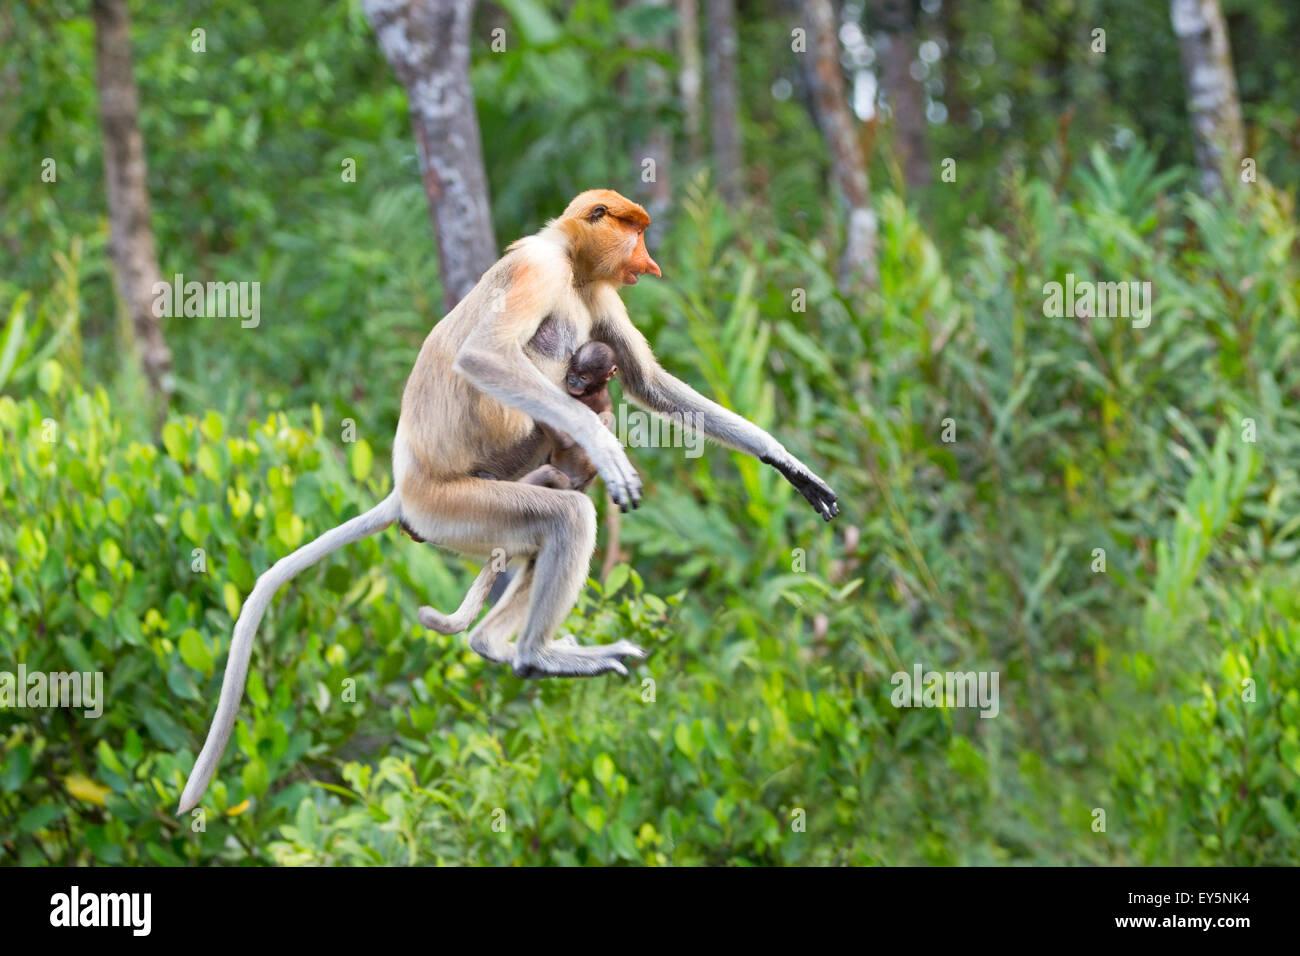 Proboscis Monkey leaping - Labuk Bay Sabah Borneo Malaysia - Stock Image